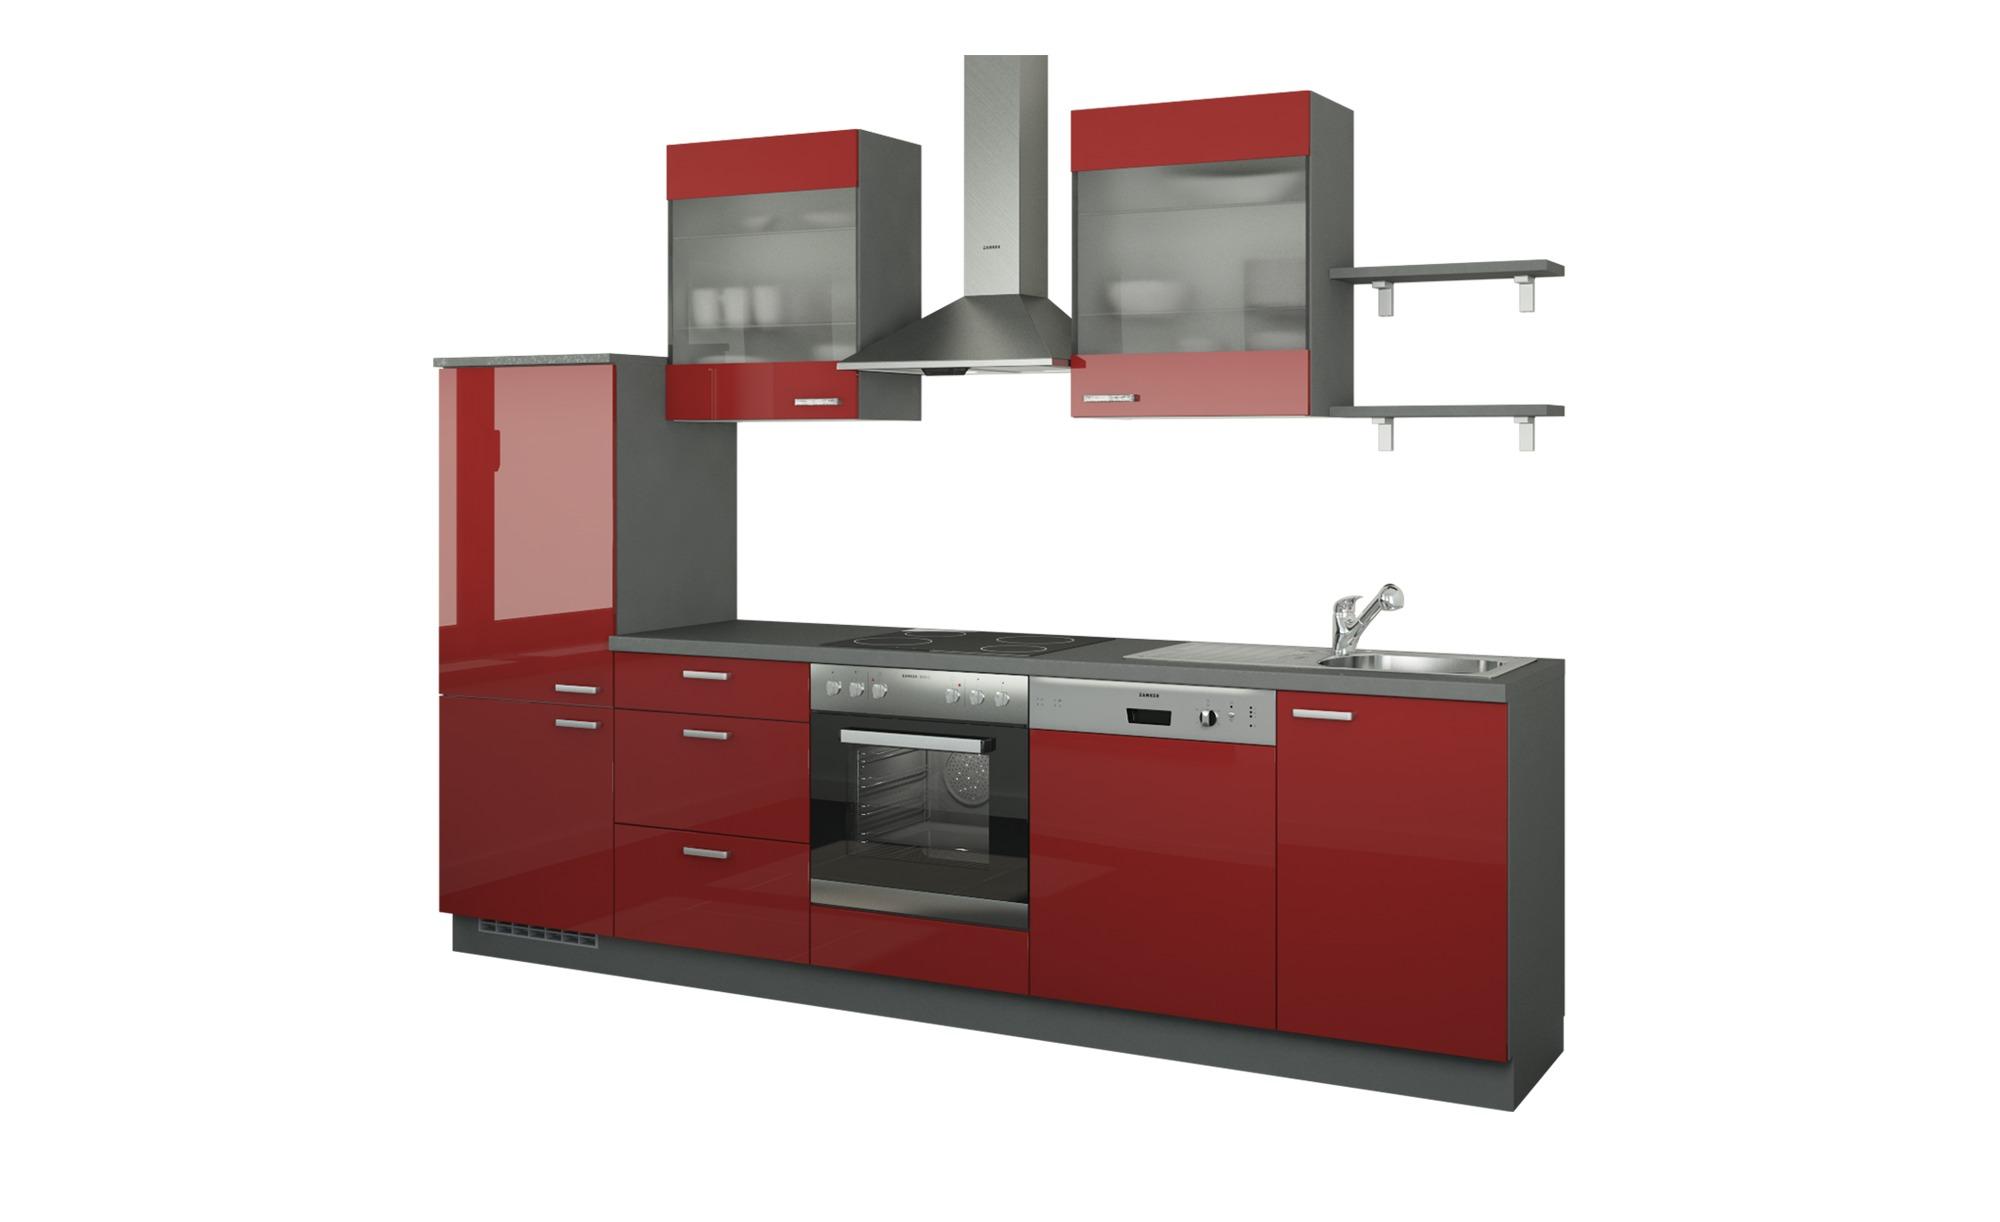 Küchenzeile ohne Elektrogeräte  Hamburg ¦ rot ¦ Maße (cm): B: 290 Küchen > Küchenblöcke ohne E-Geräte - Höffner